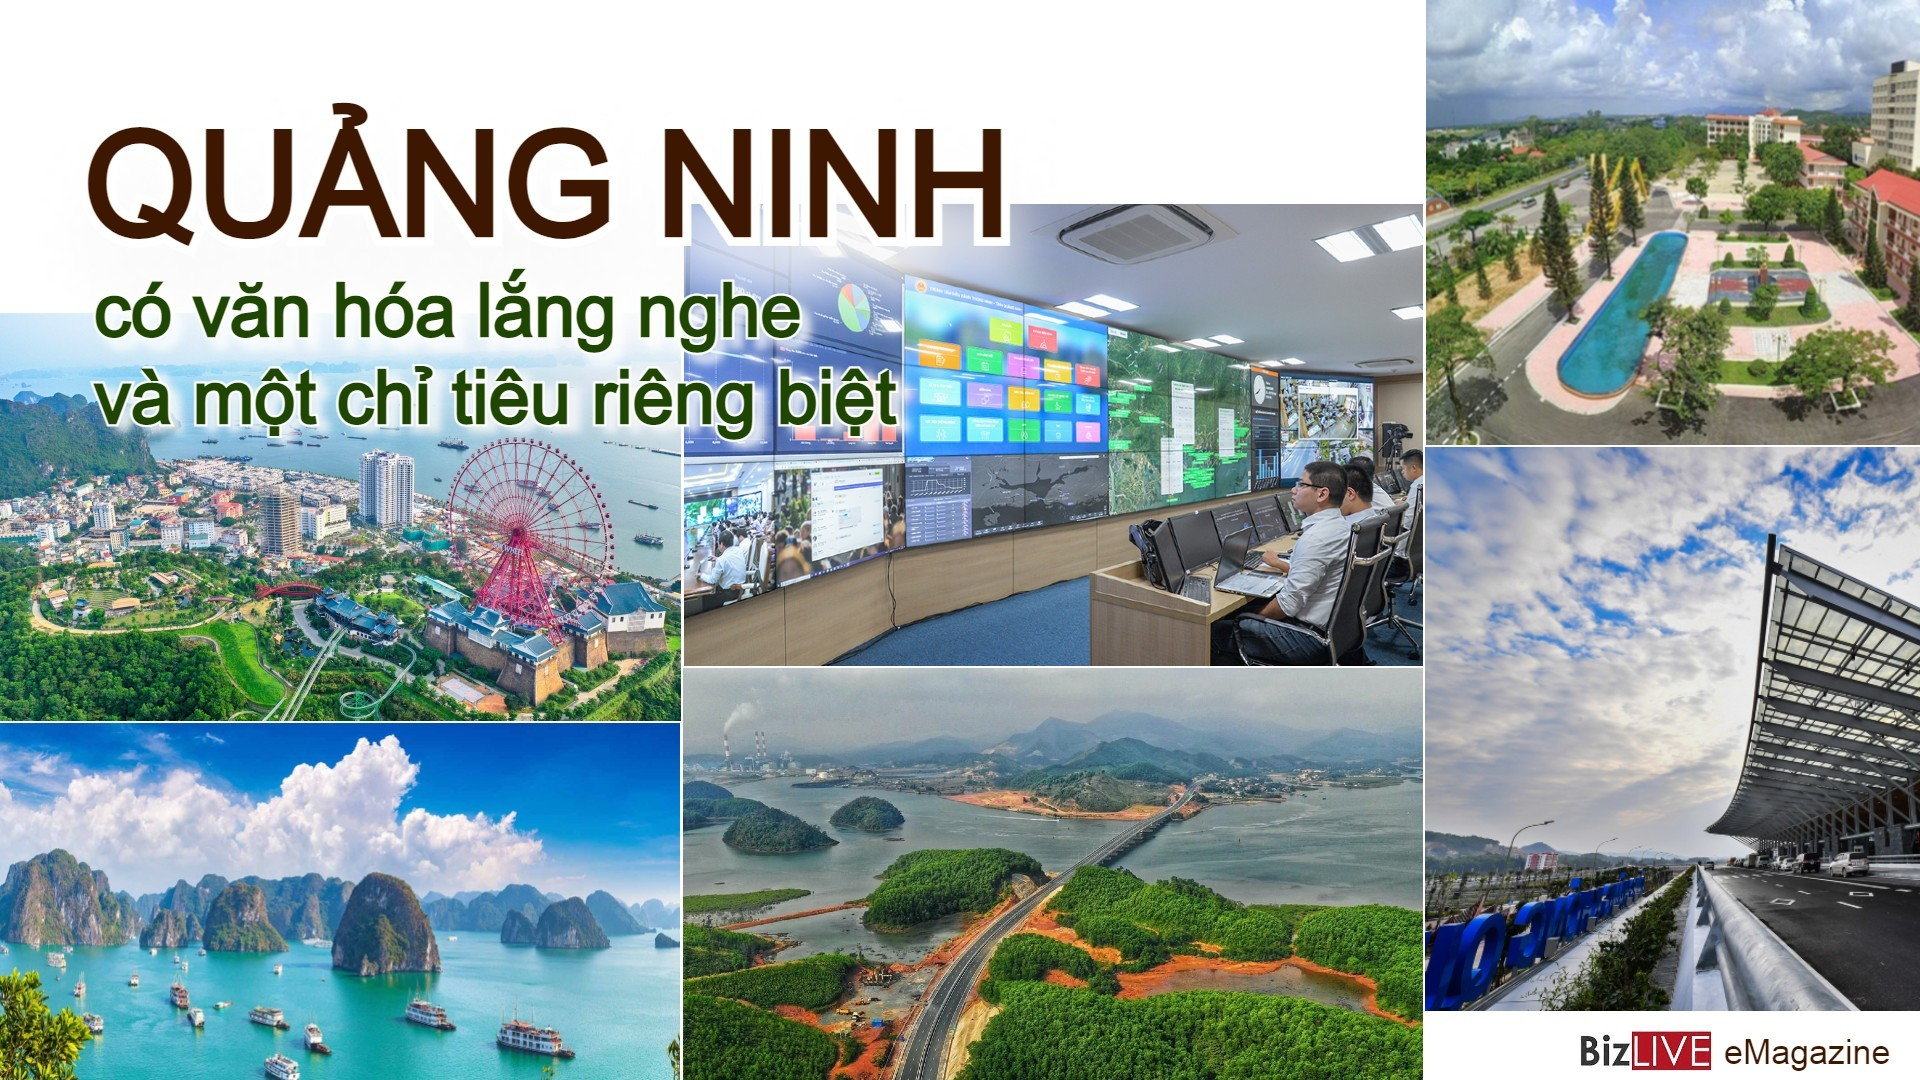 Quảng Ninh có văn hóa lắng nghe và một chỉ tiêu riêng biệt